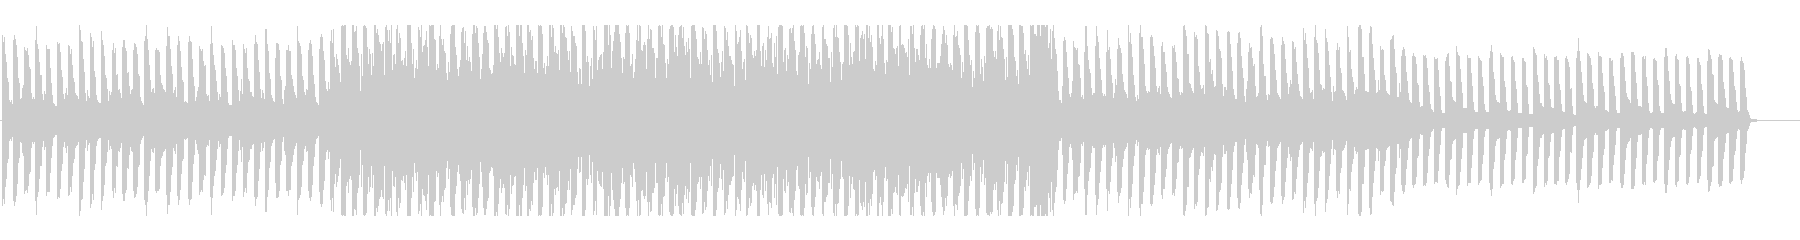 アコギがメインのシンプルなBGMの未再生の波形